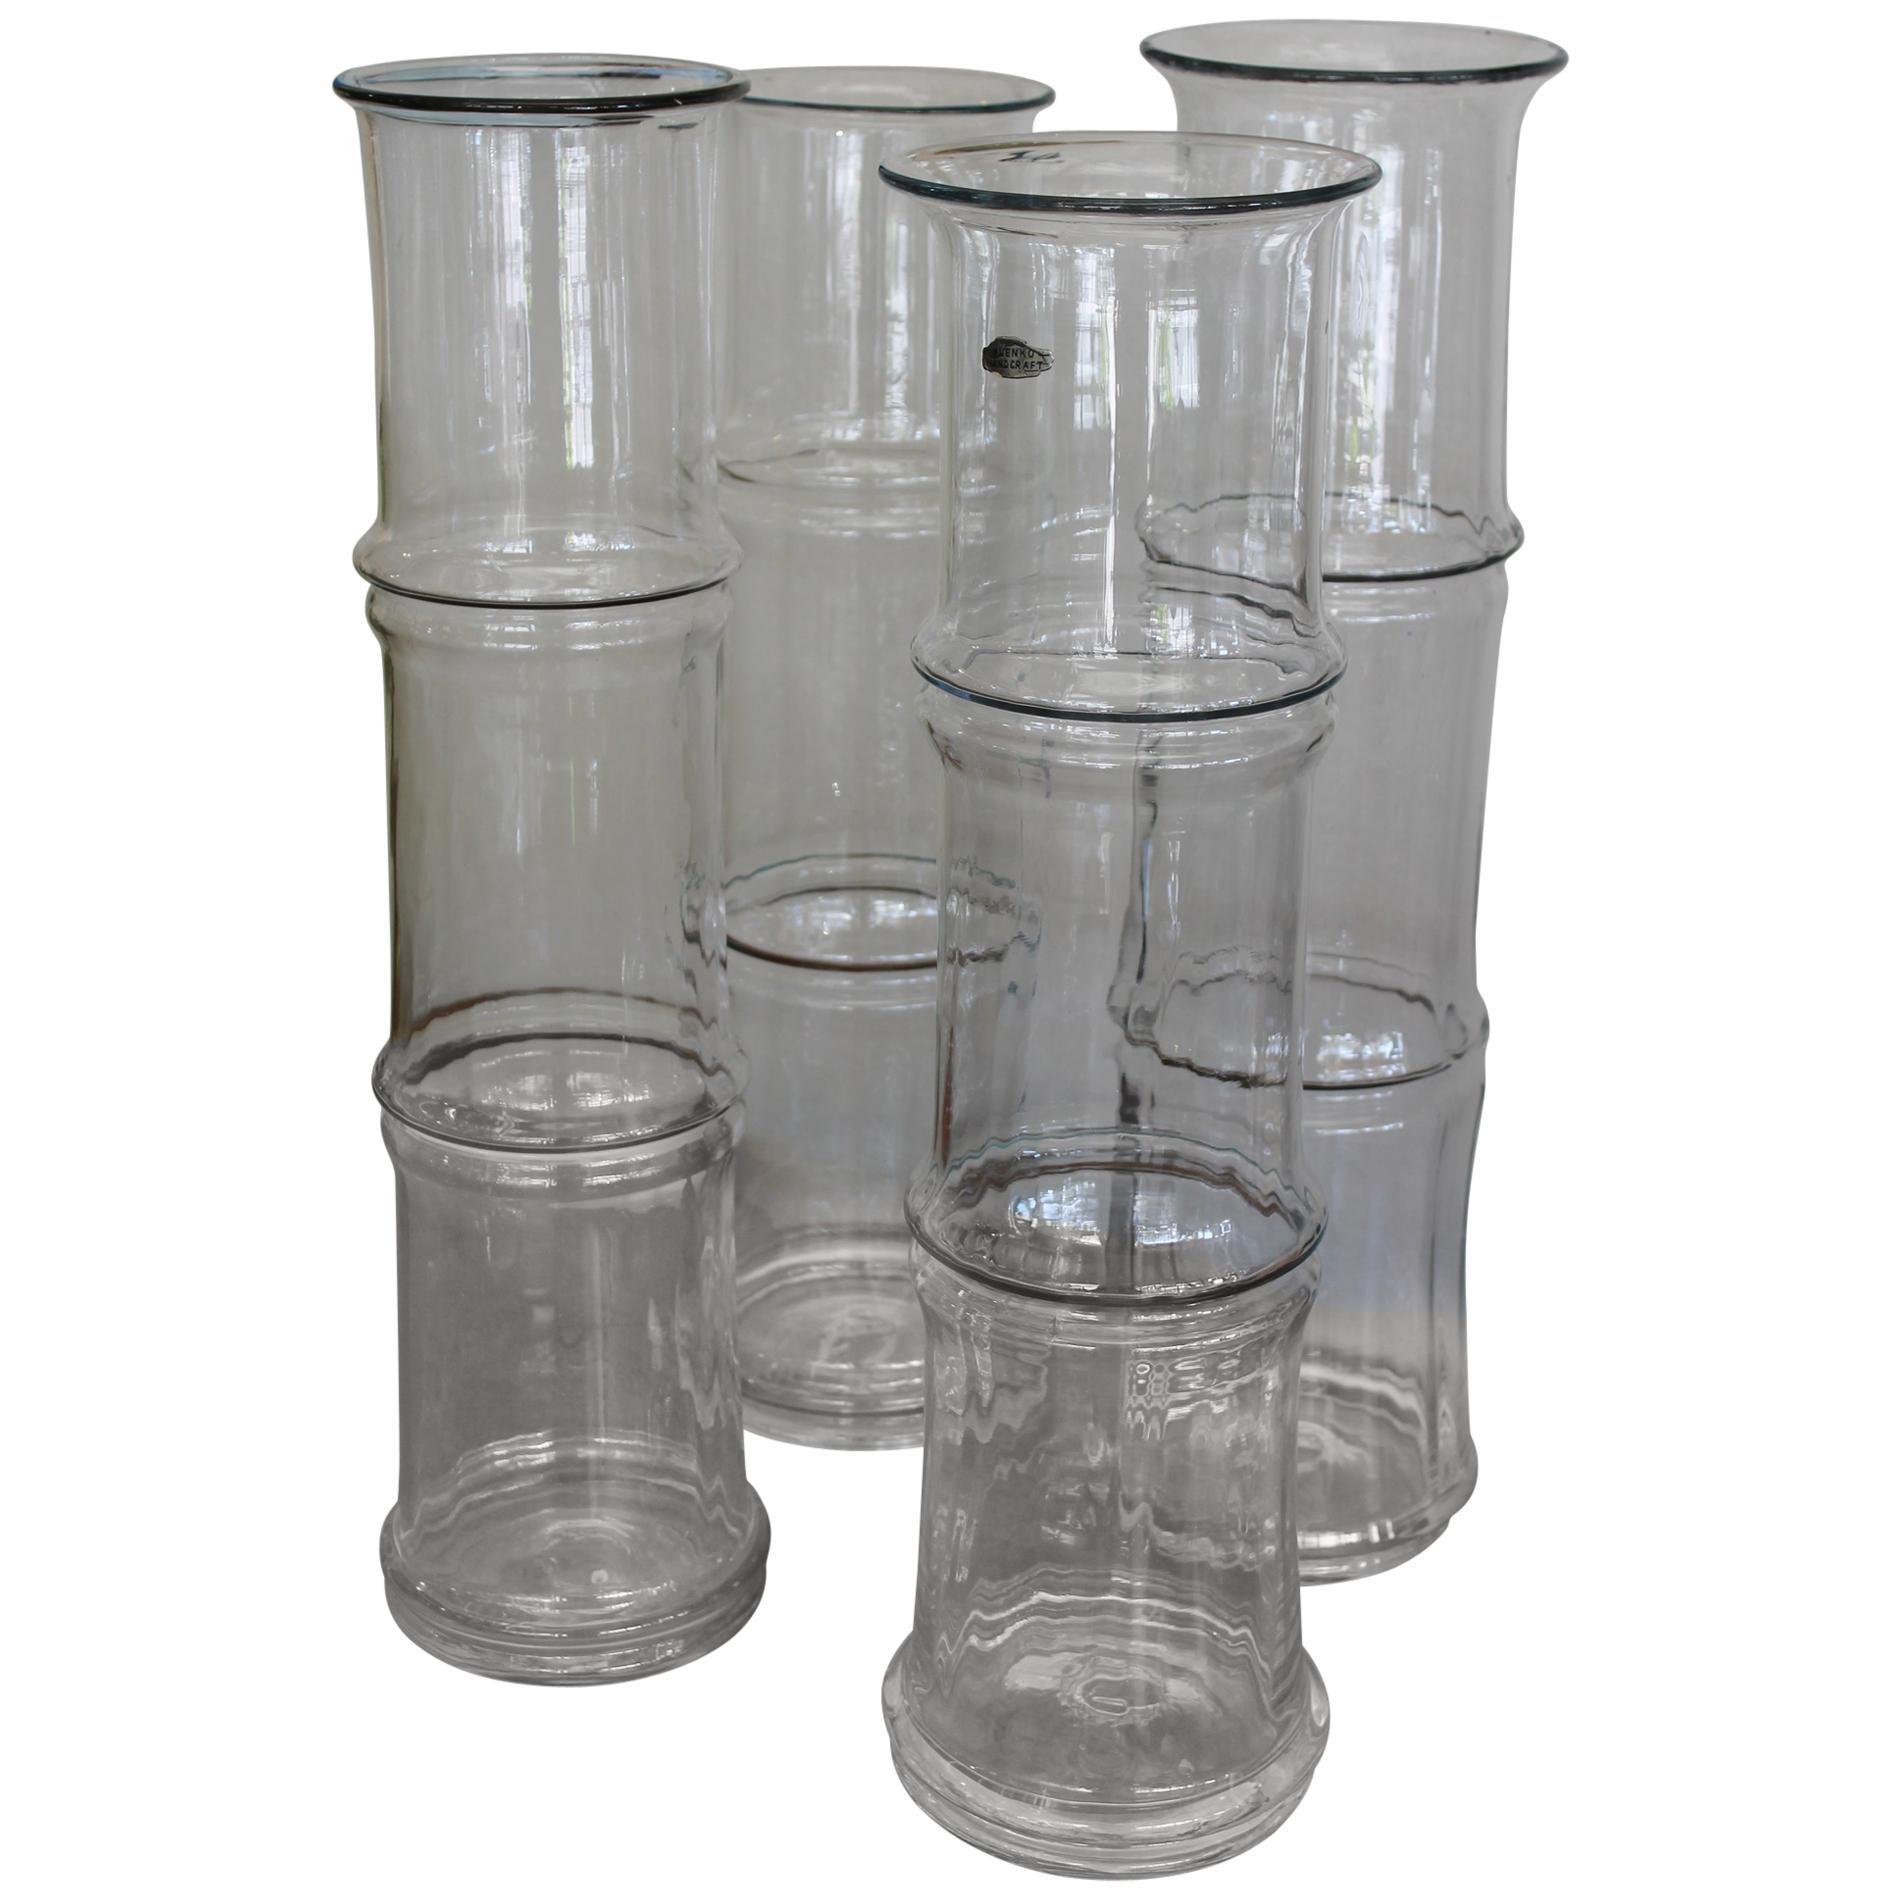 Four Blenko Bamboo Glass Vases